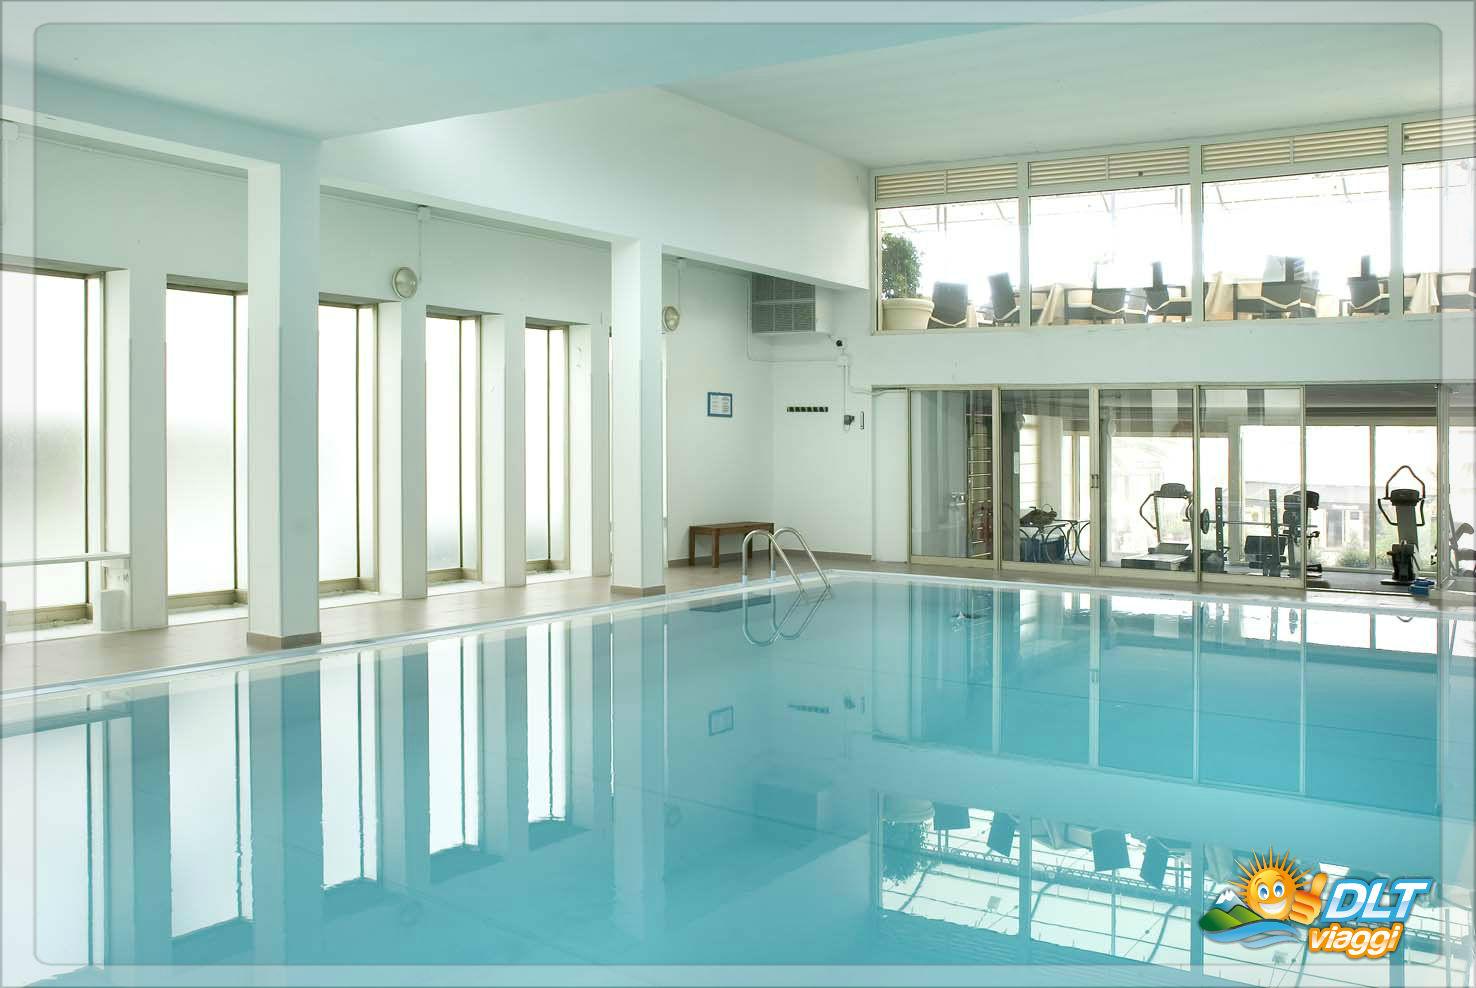 Bagno Balena Viareggio Palestra : Hotel astor viareggio viareggio toscana dlt viaggi